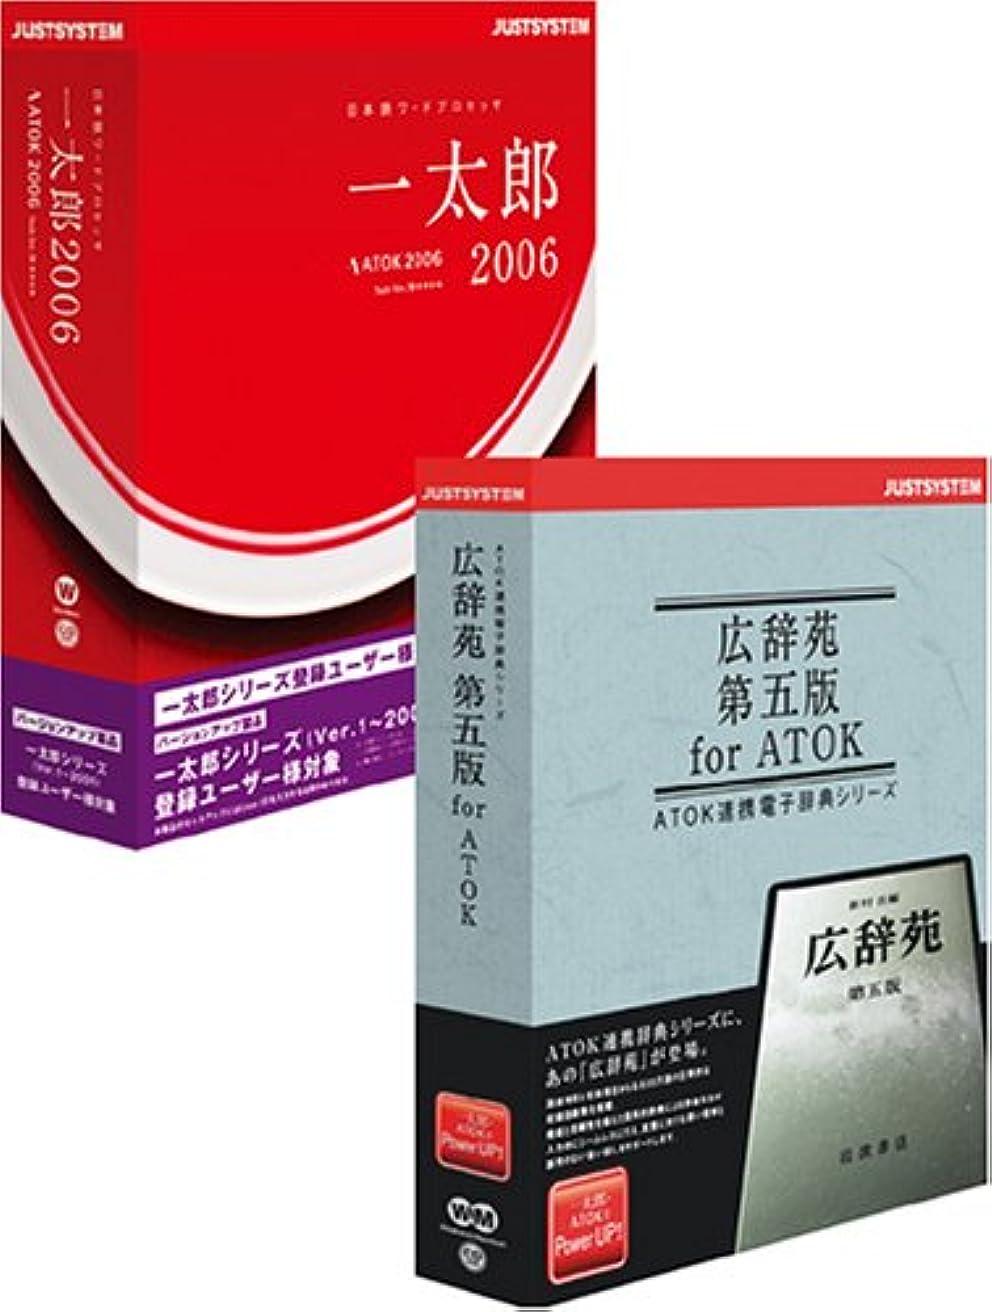 ファックスたとえアクション一太郎2006バージョンアップ版+広辞苑 第五版 for ATOK